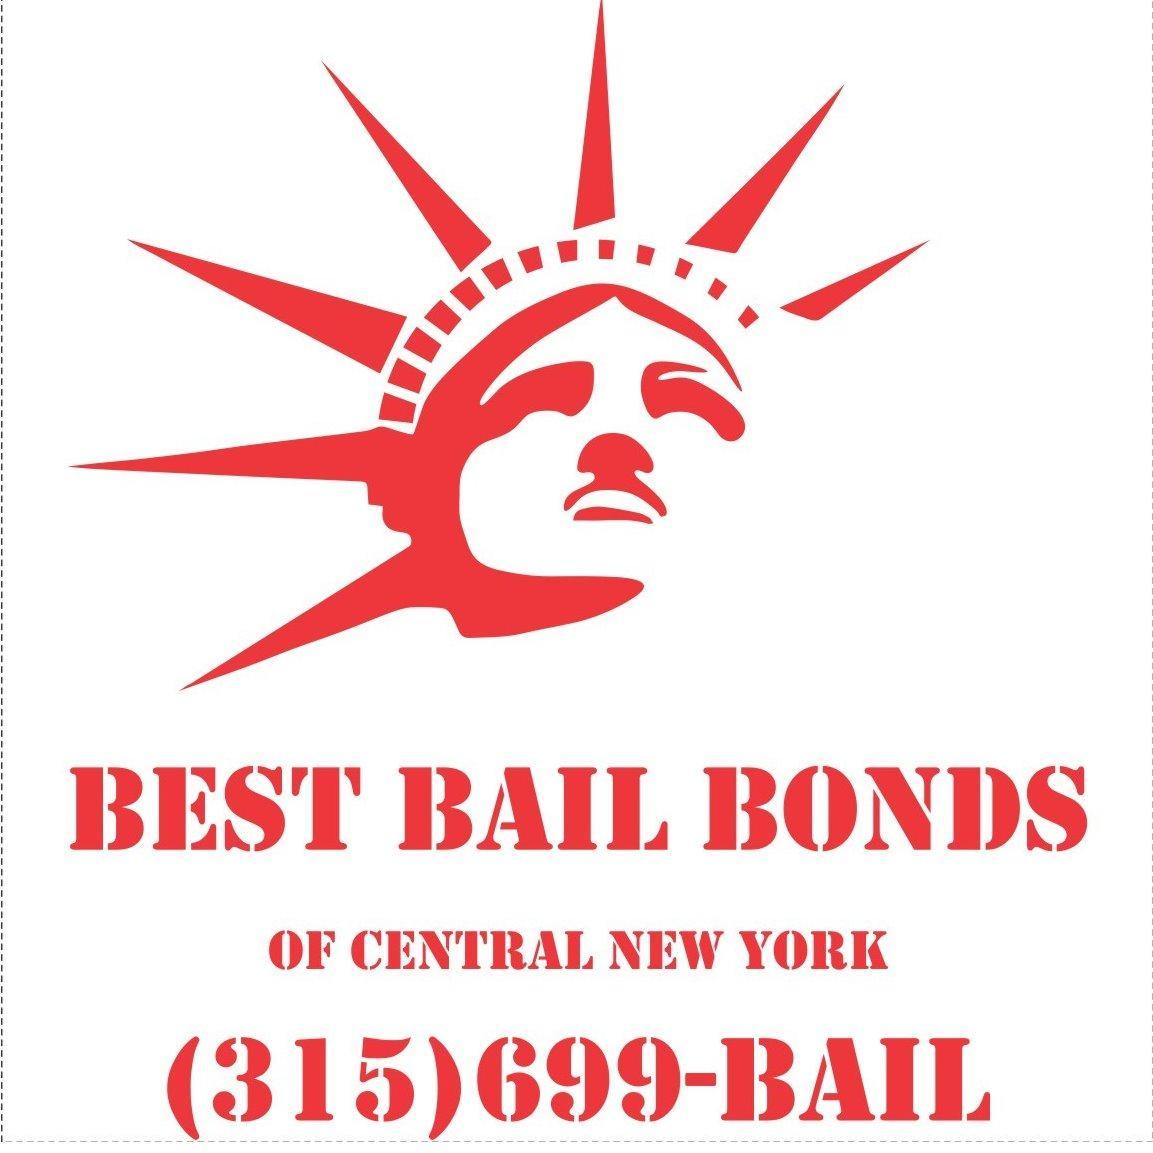 Best Bail Bonds of CNY image 5